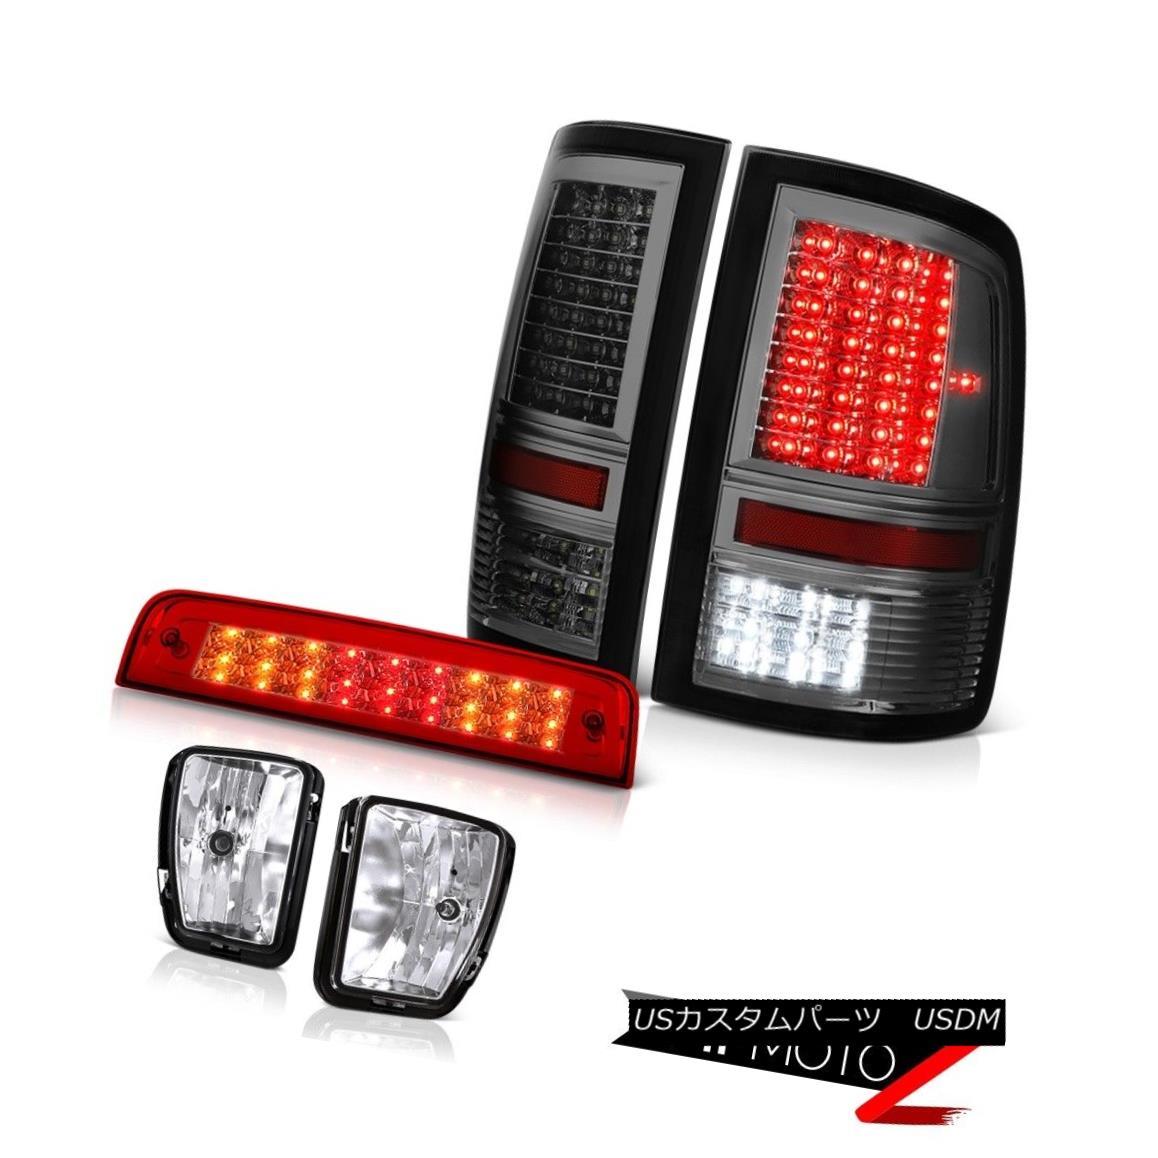 テールライト 2013-2018 Ram 1500 RT Bloody Red Third Brake Light Smoked Tail Lights Foglamps 2013-2018 Ram 1500 RT Bloody Red Thirdブレーキライトスモークテールライトフォグランプ